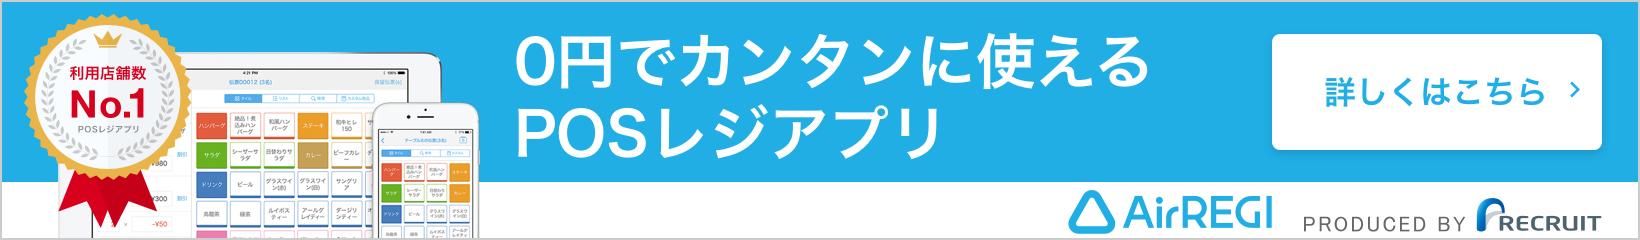 0円でカンタンに使えるPOSレジアプリ